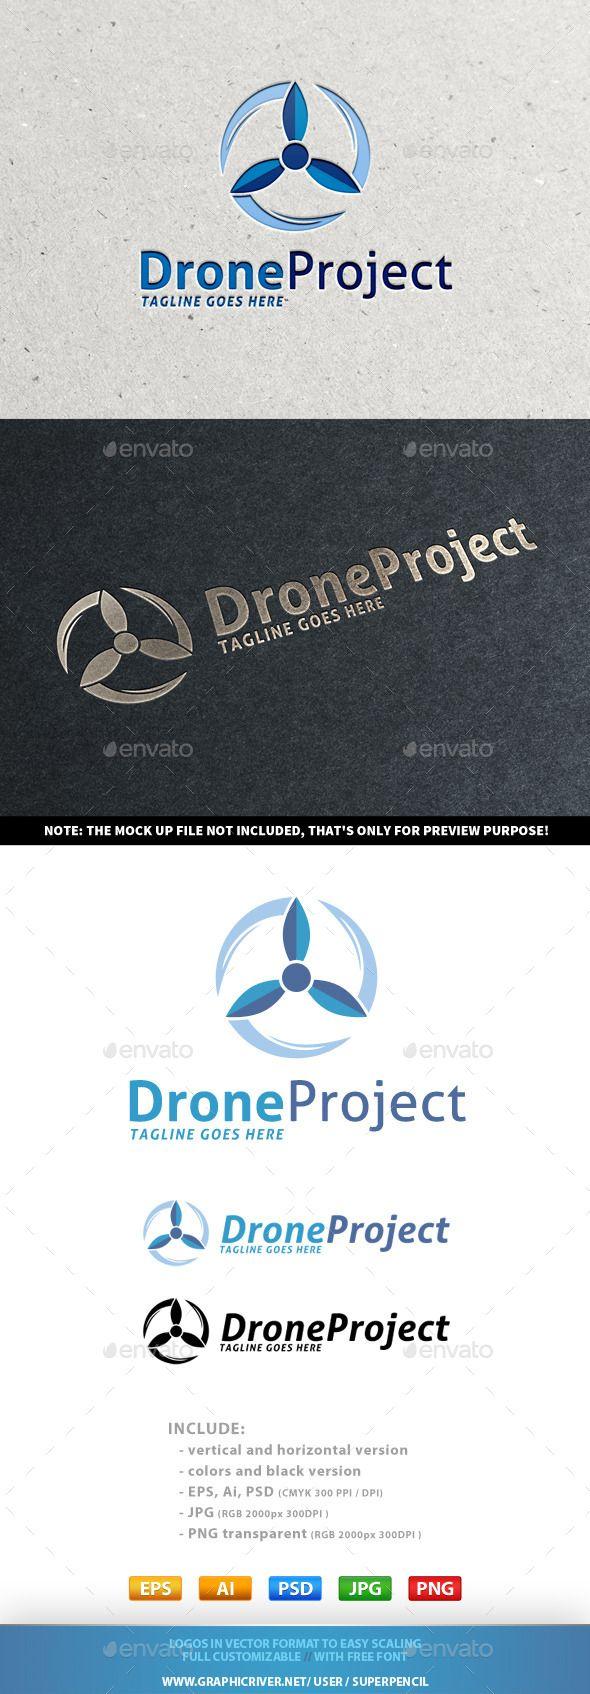 Drone project logo logo design template logos and symbol logo drone project logo buycottarizona